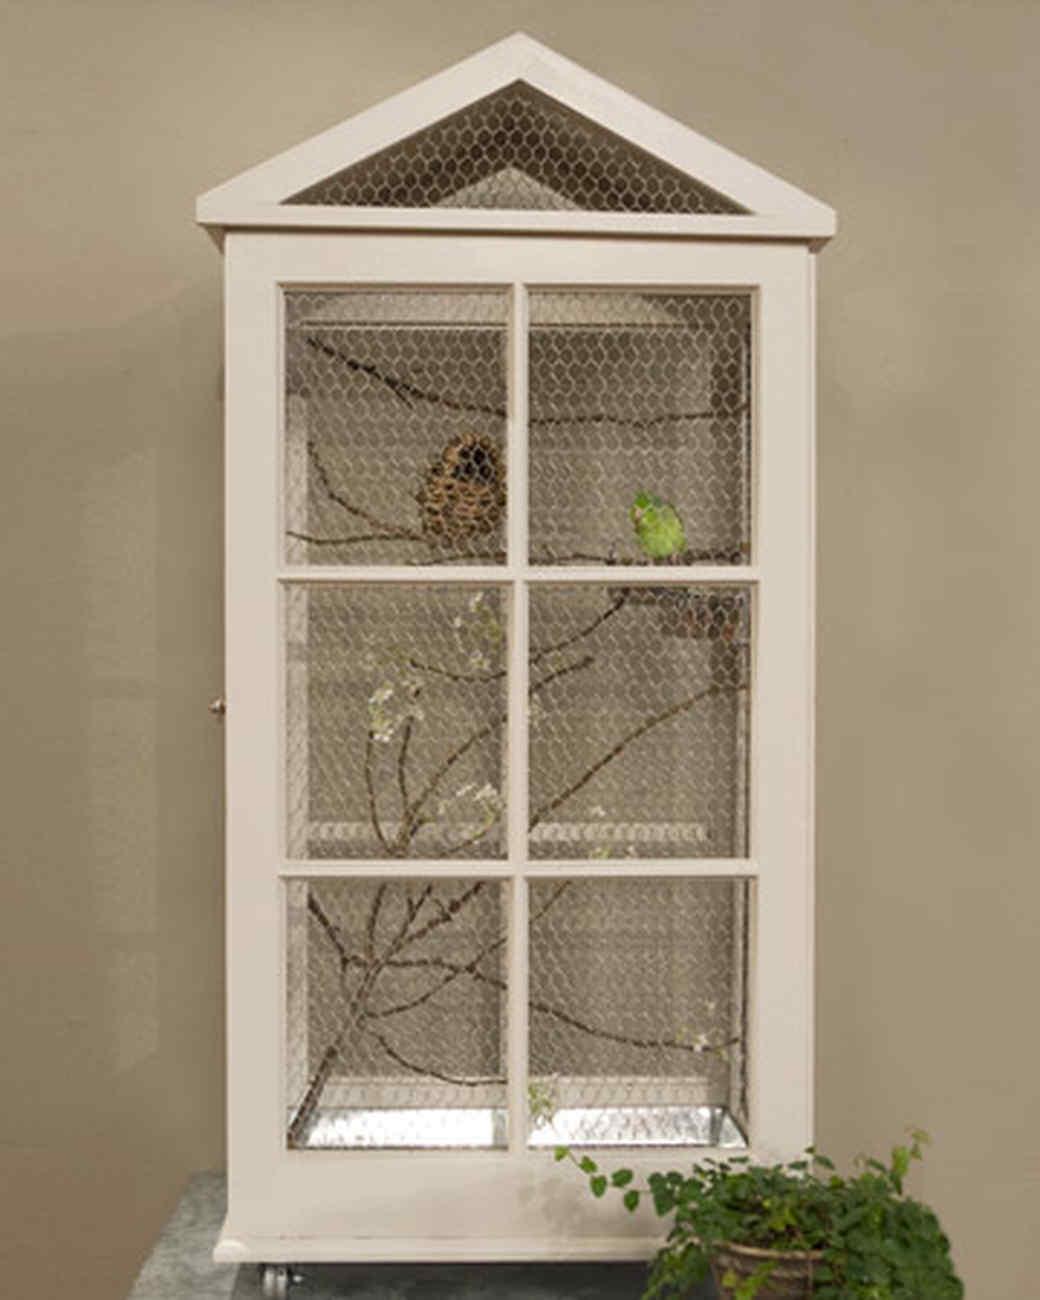 5088_012810_birdcage.jpg